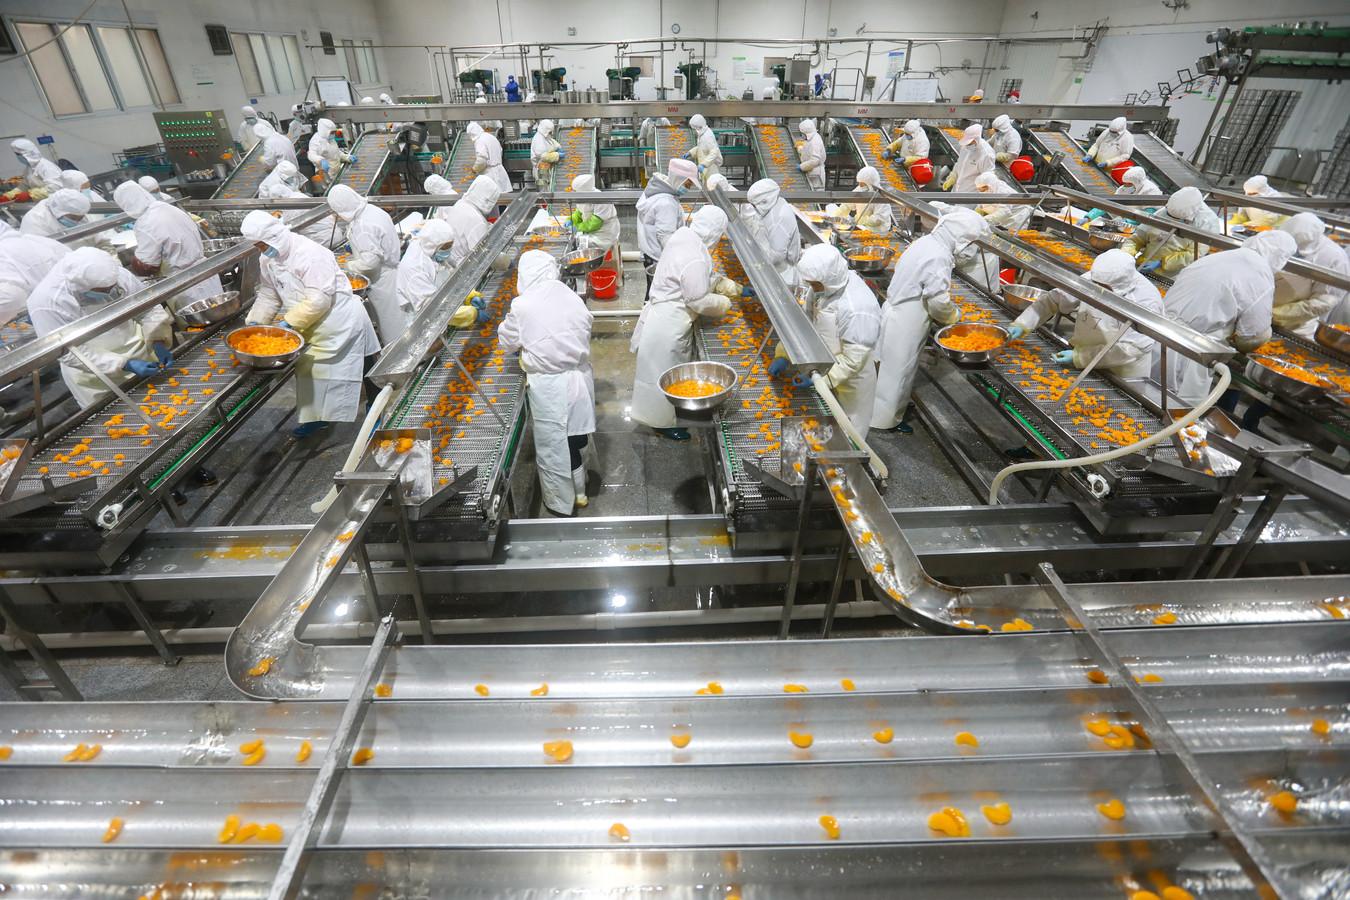 Productiemedewerkers verwerken sinaasappels die worden ingeblikt in een fabriek in het Chinese Huaibei. De Chinese economie heeft geen last meer van de coronacrisis.